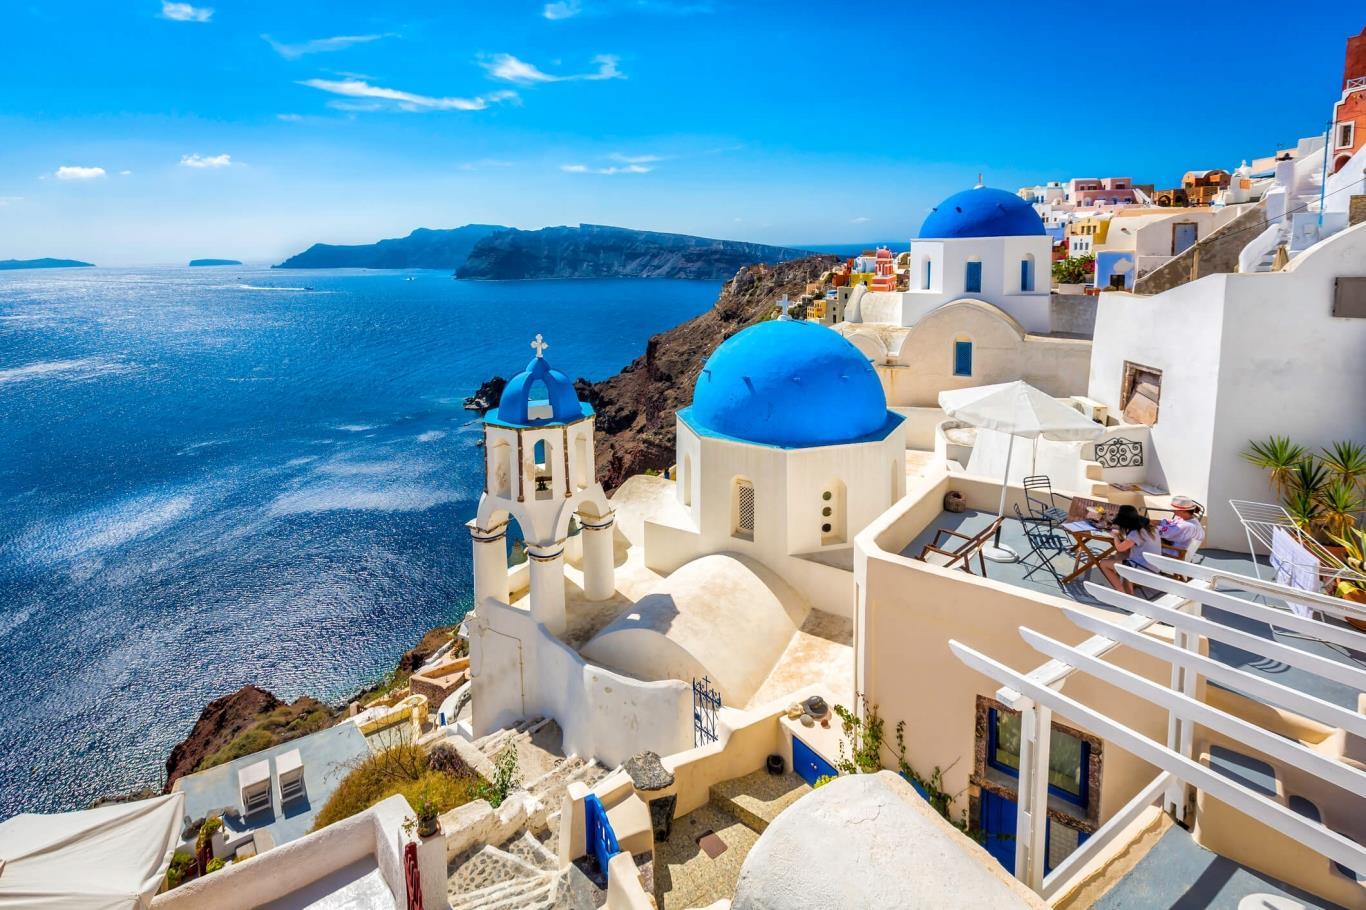 6. Đảo Santorini, Hy Lạp